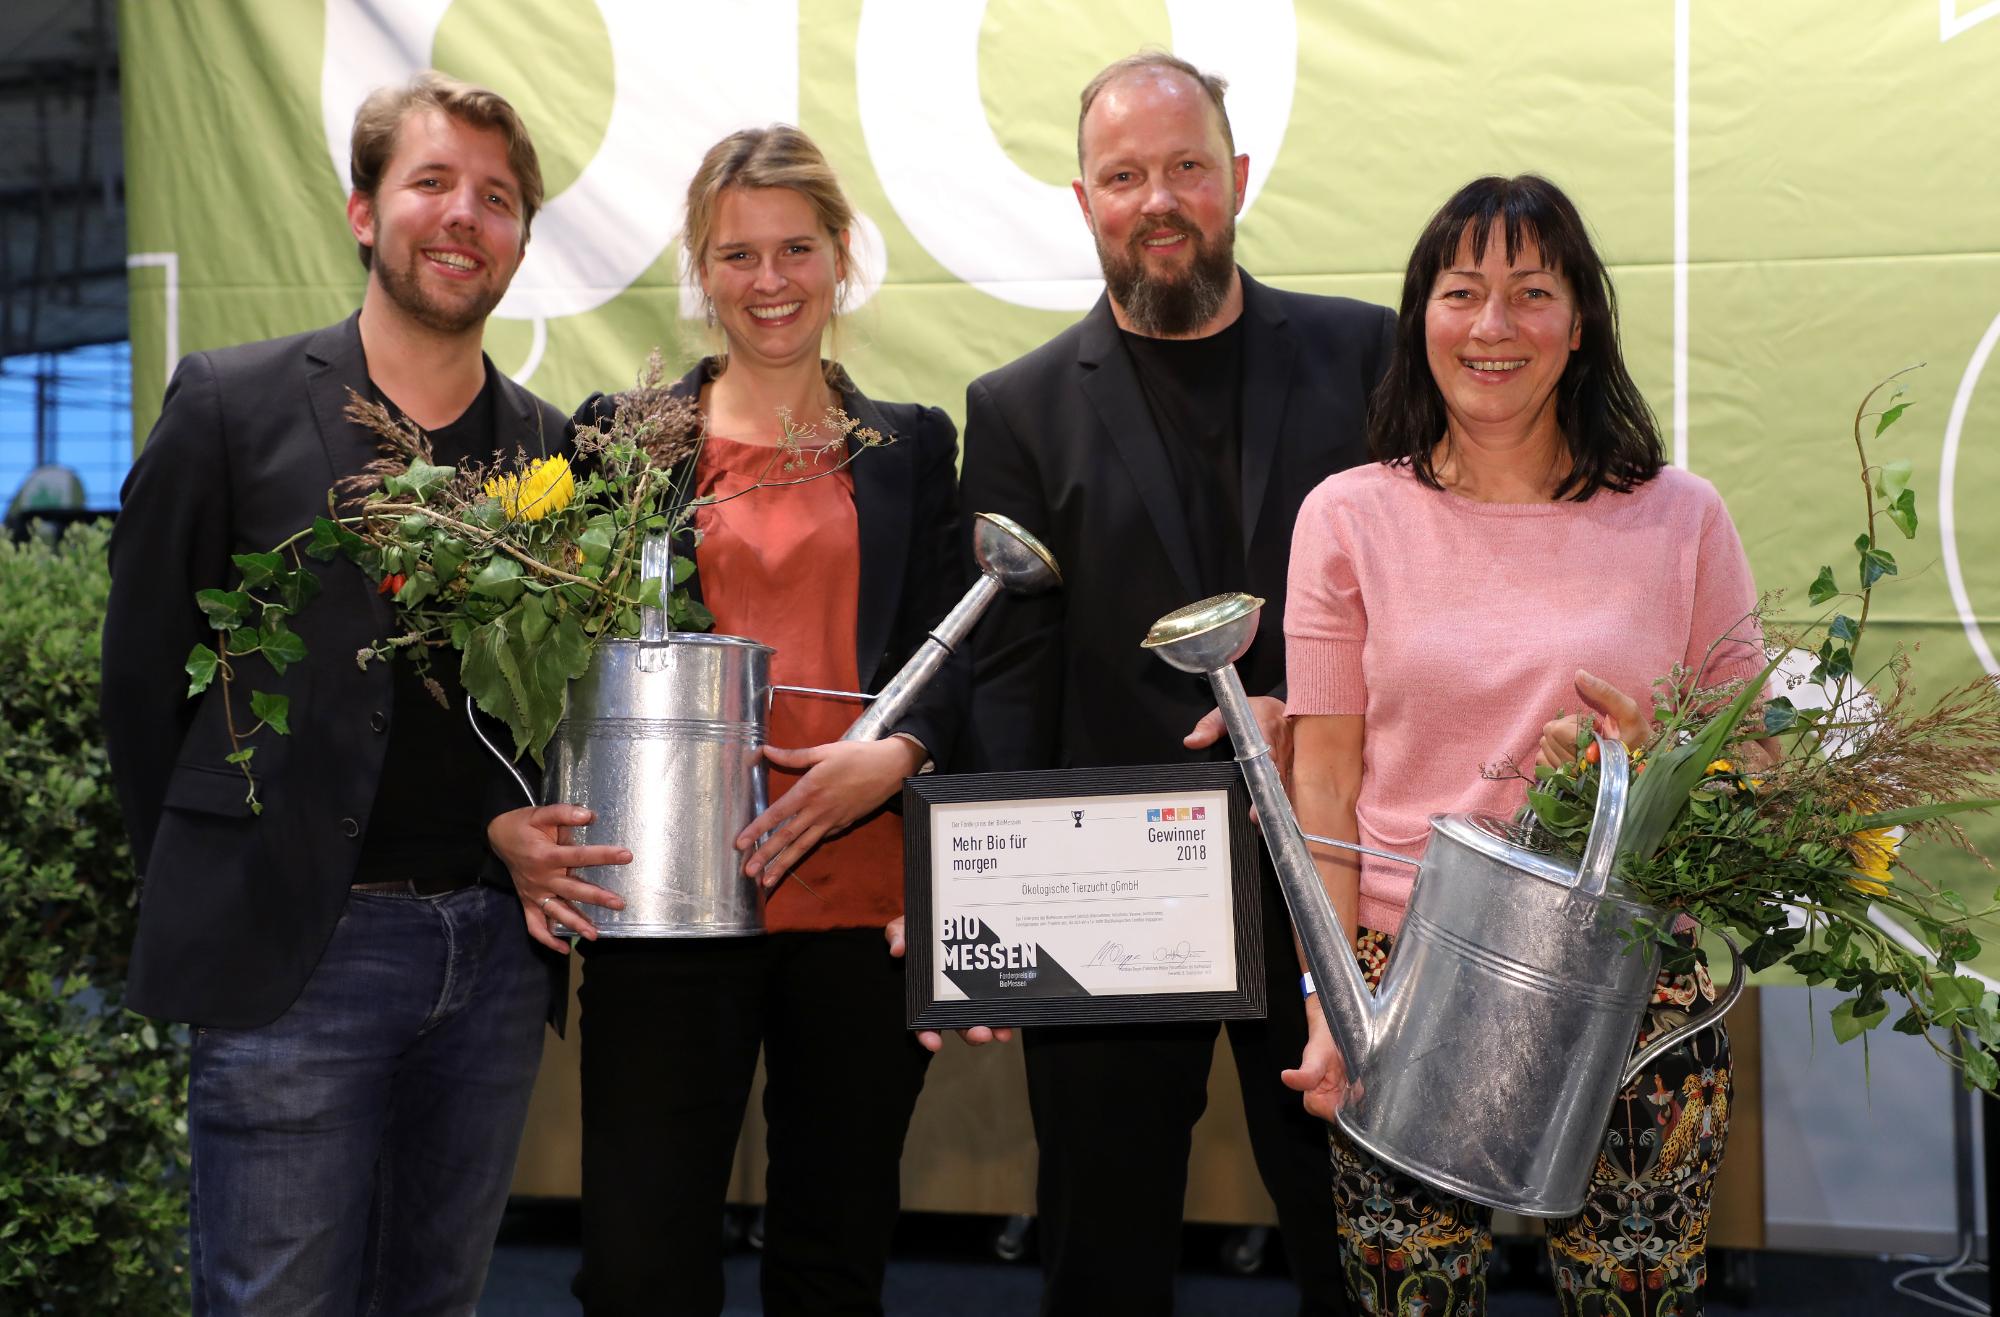 v.l.n.r.: Friedemann Wecker (Geschäftsführer Demeter im Norden), Inga Günther (Geschäftsführerin Ökologische Tierzucht), Johannes Kamps-Bender (Vorstand Demeter e.V.) Foto: Florian Arp / BioMessen